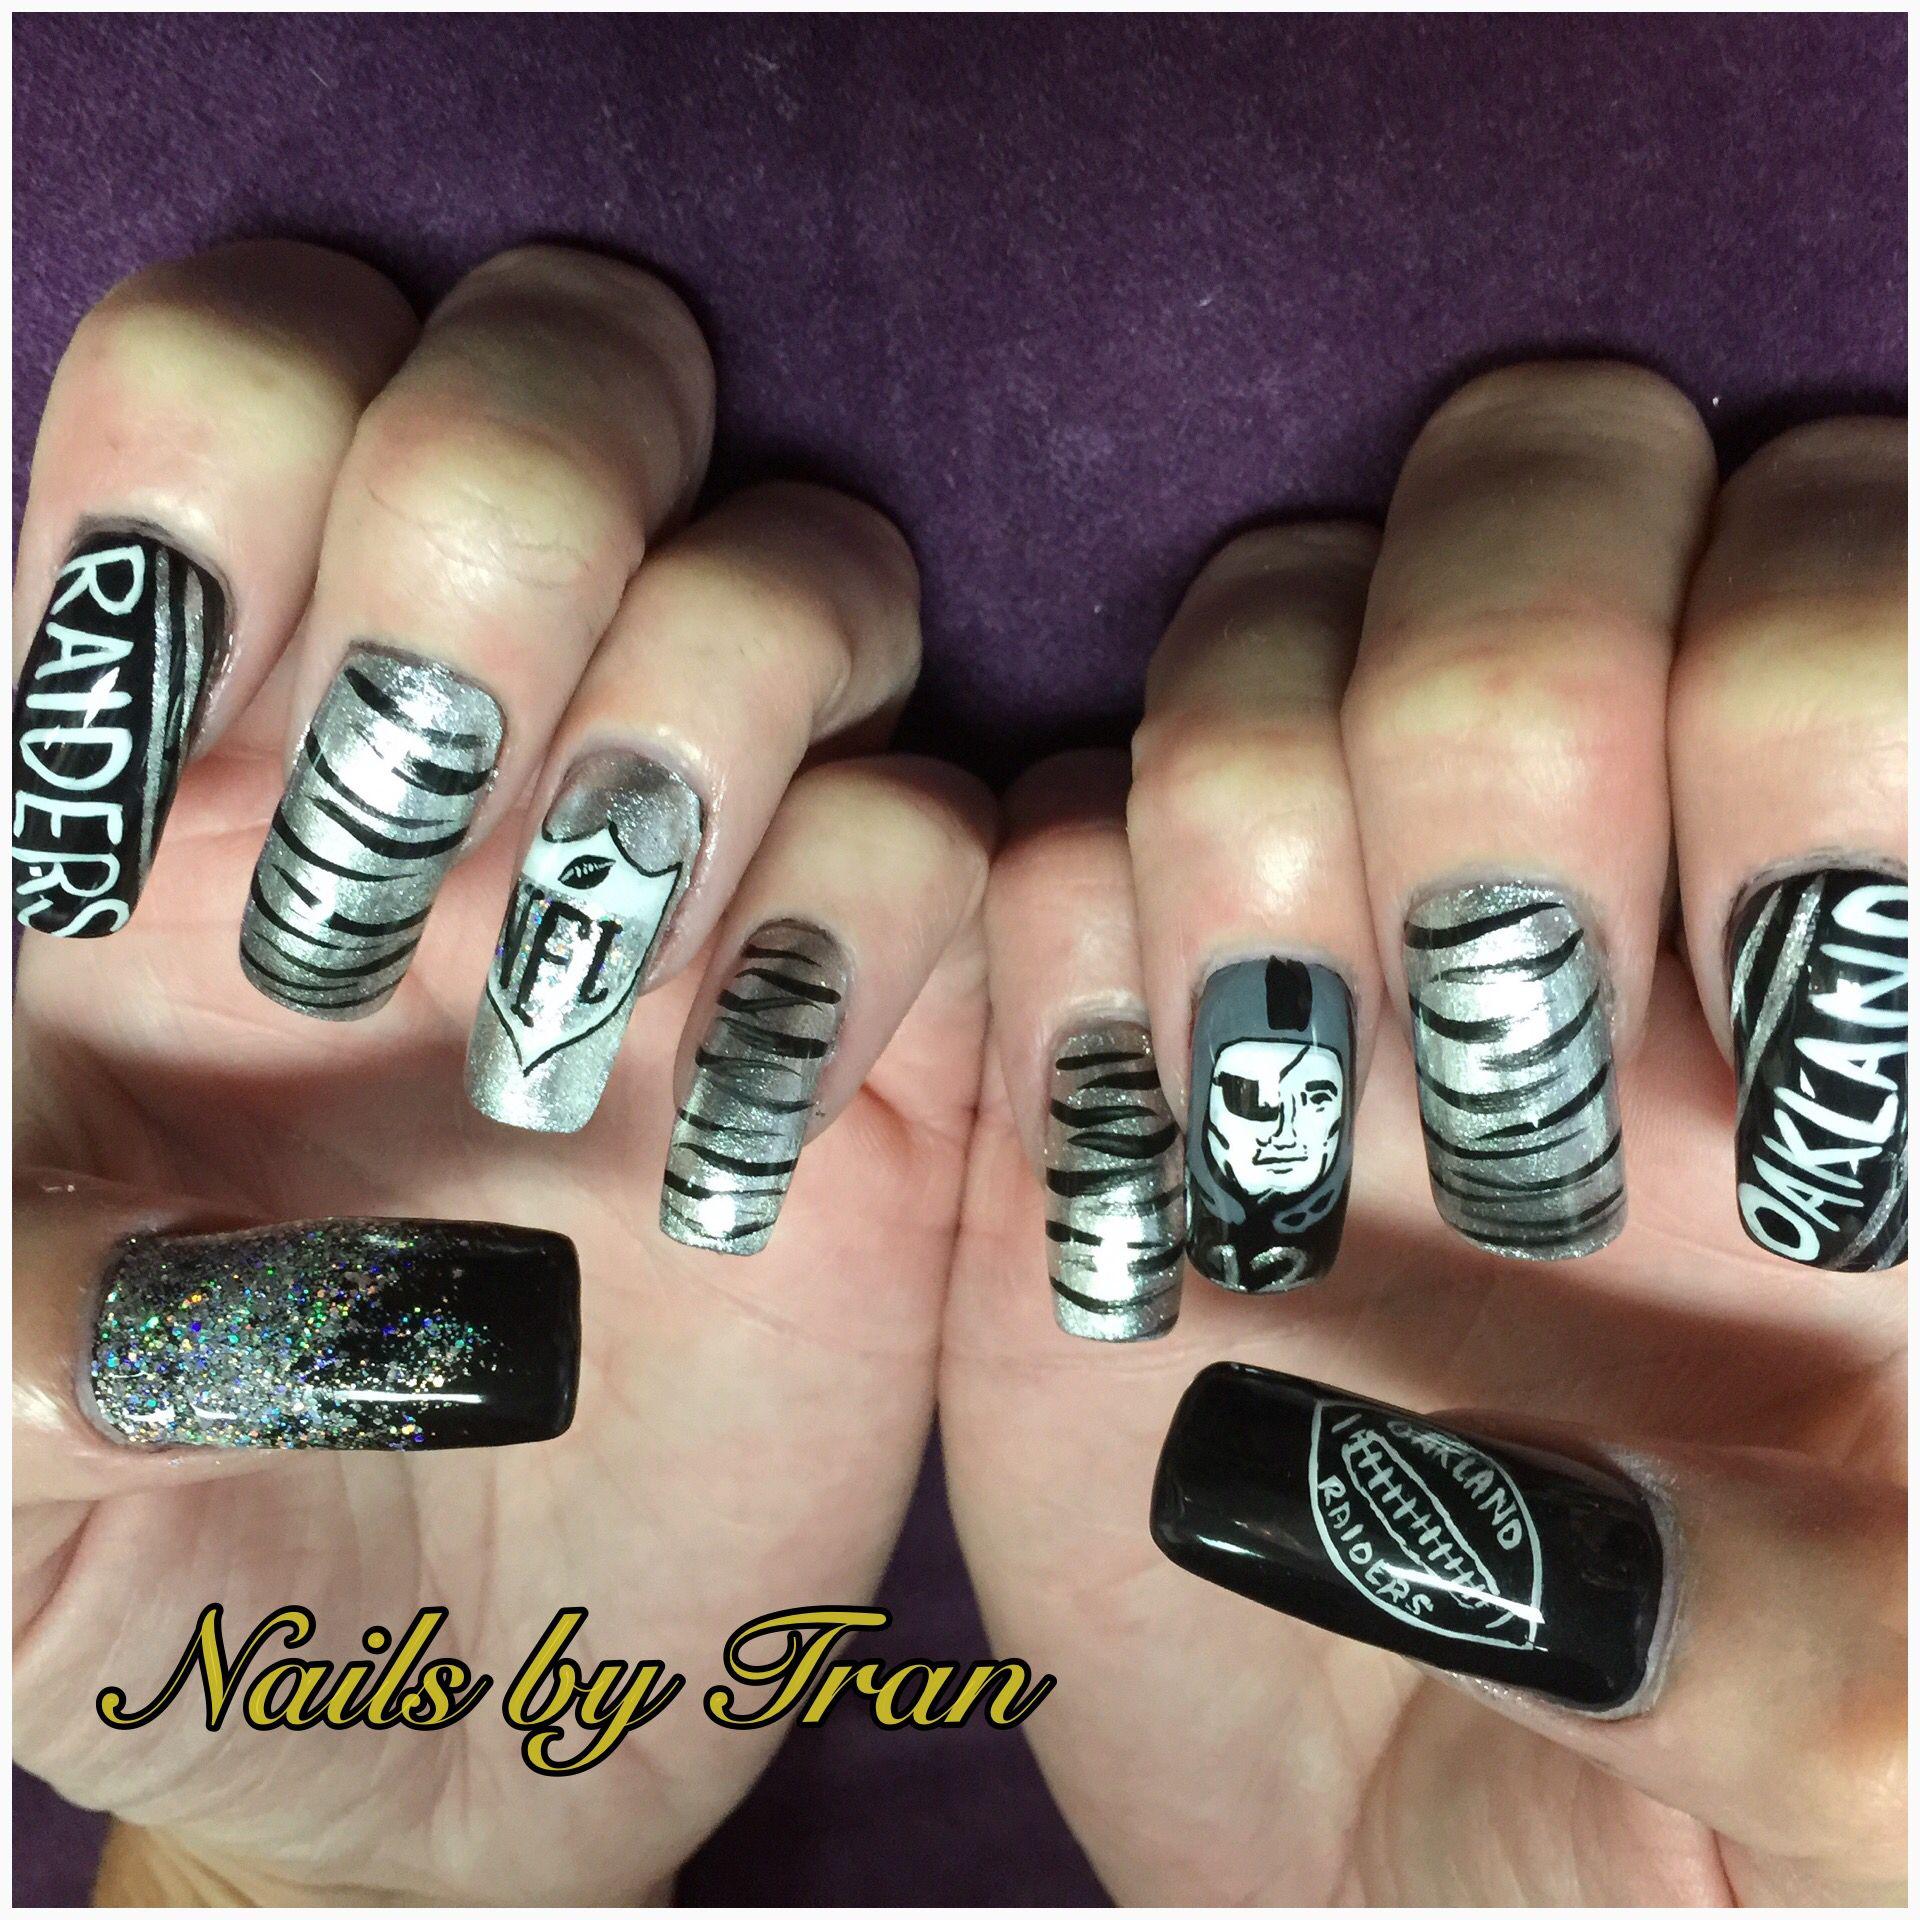 Oakland raiders nails   Nail art   Pinterest   Raiders nails ...